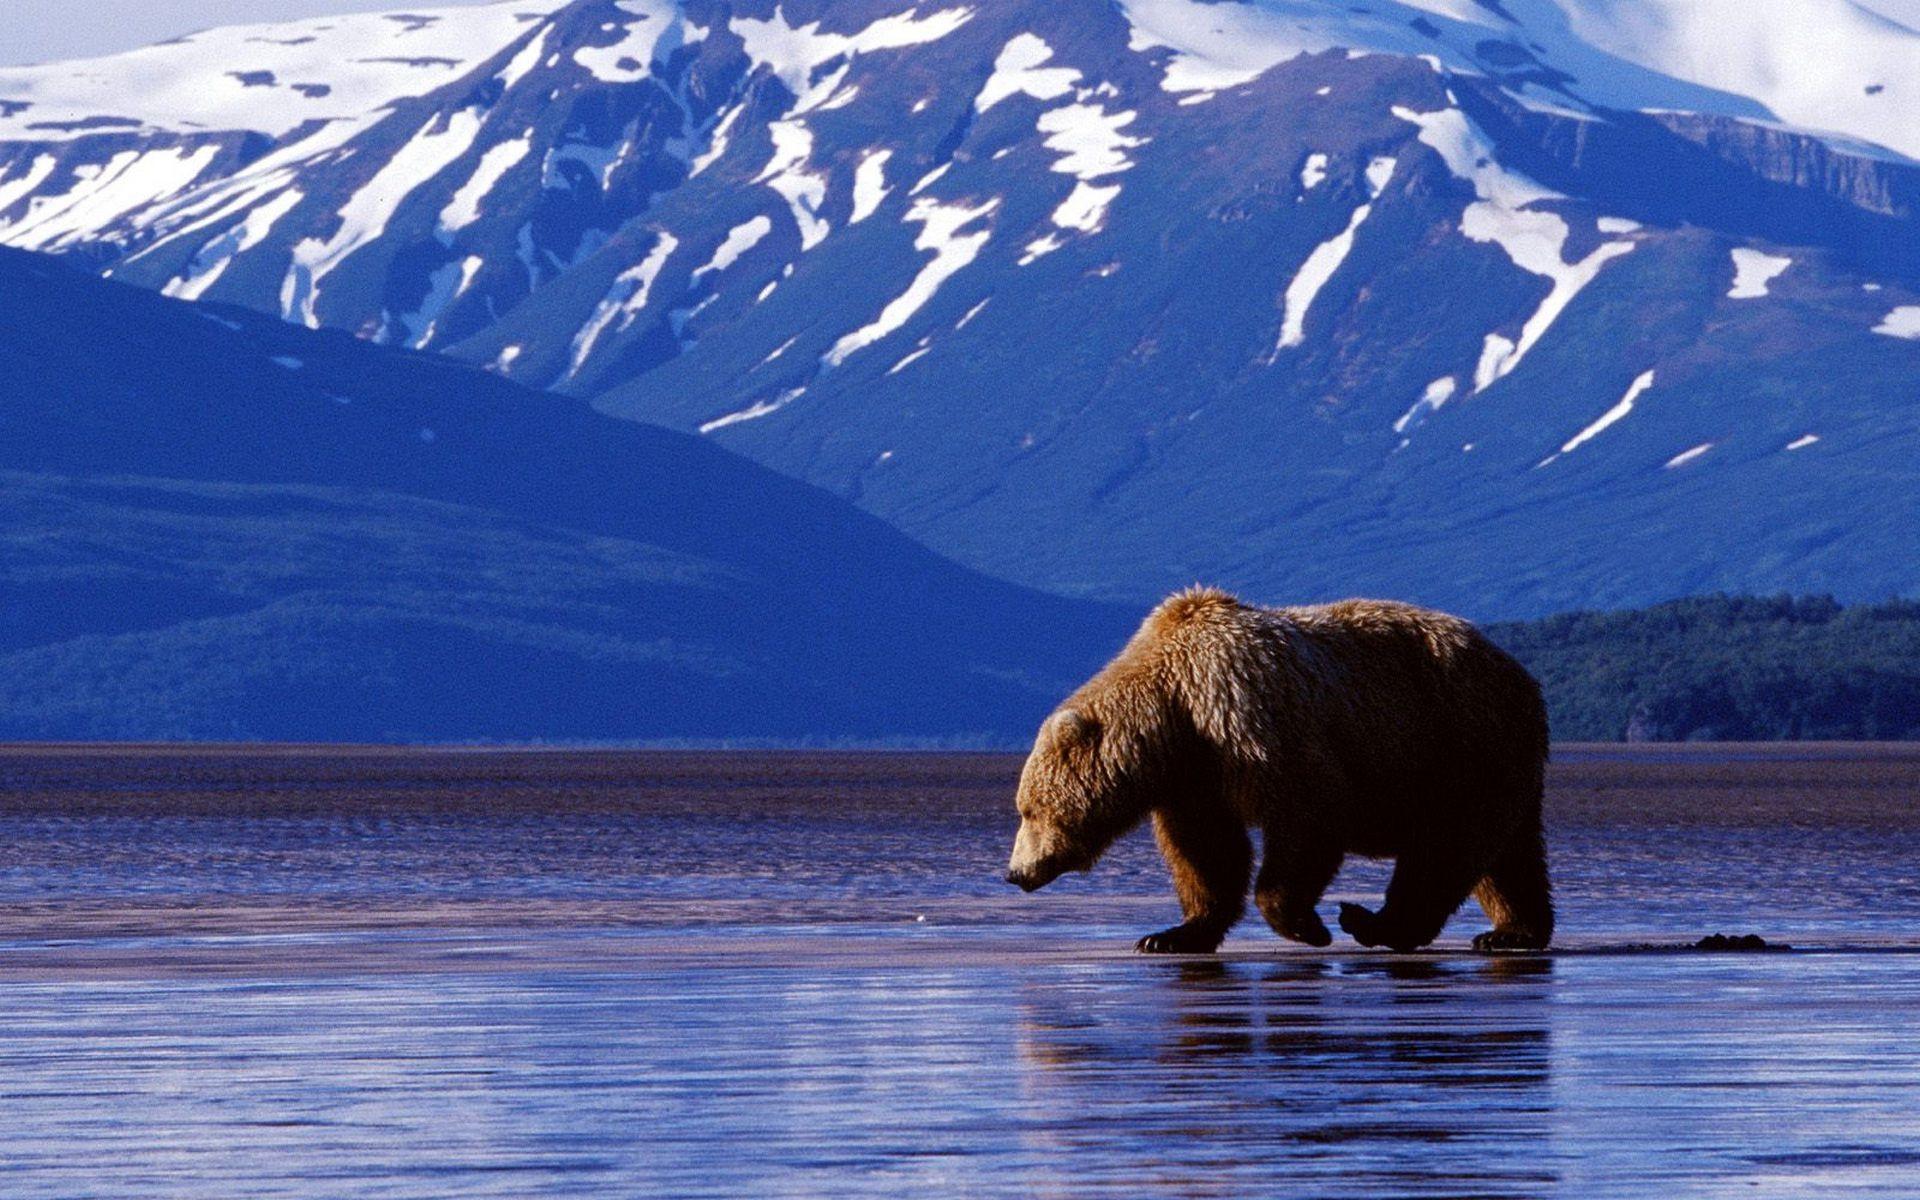 обои для рабочего стола россия медведь для рабочего стола № 206579 загрузить